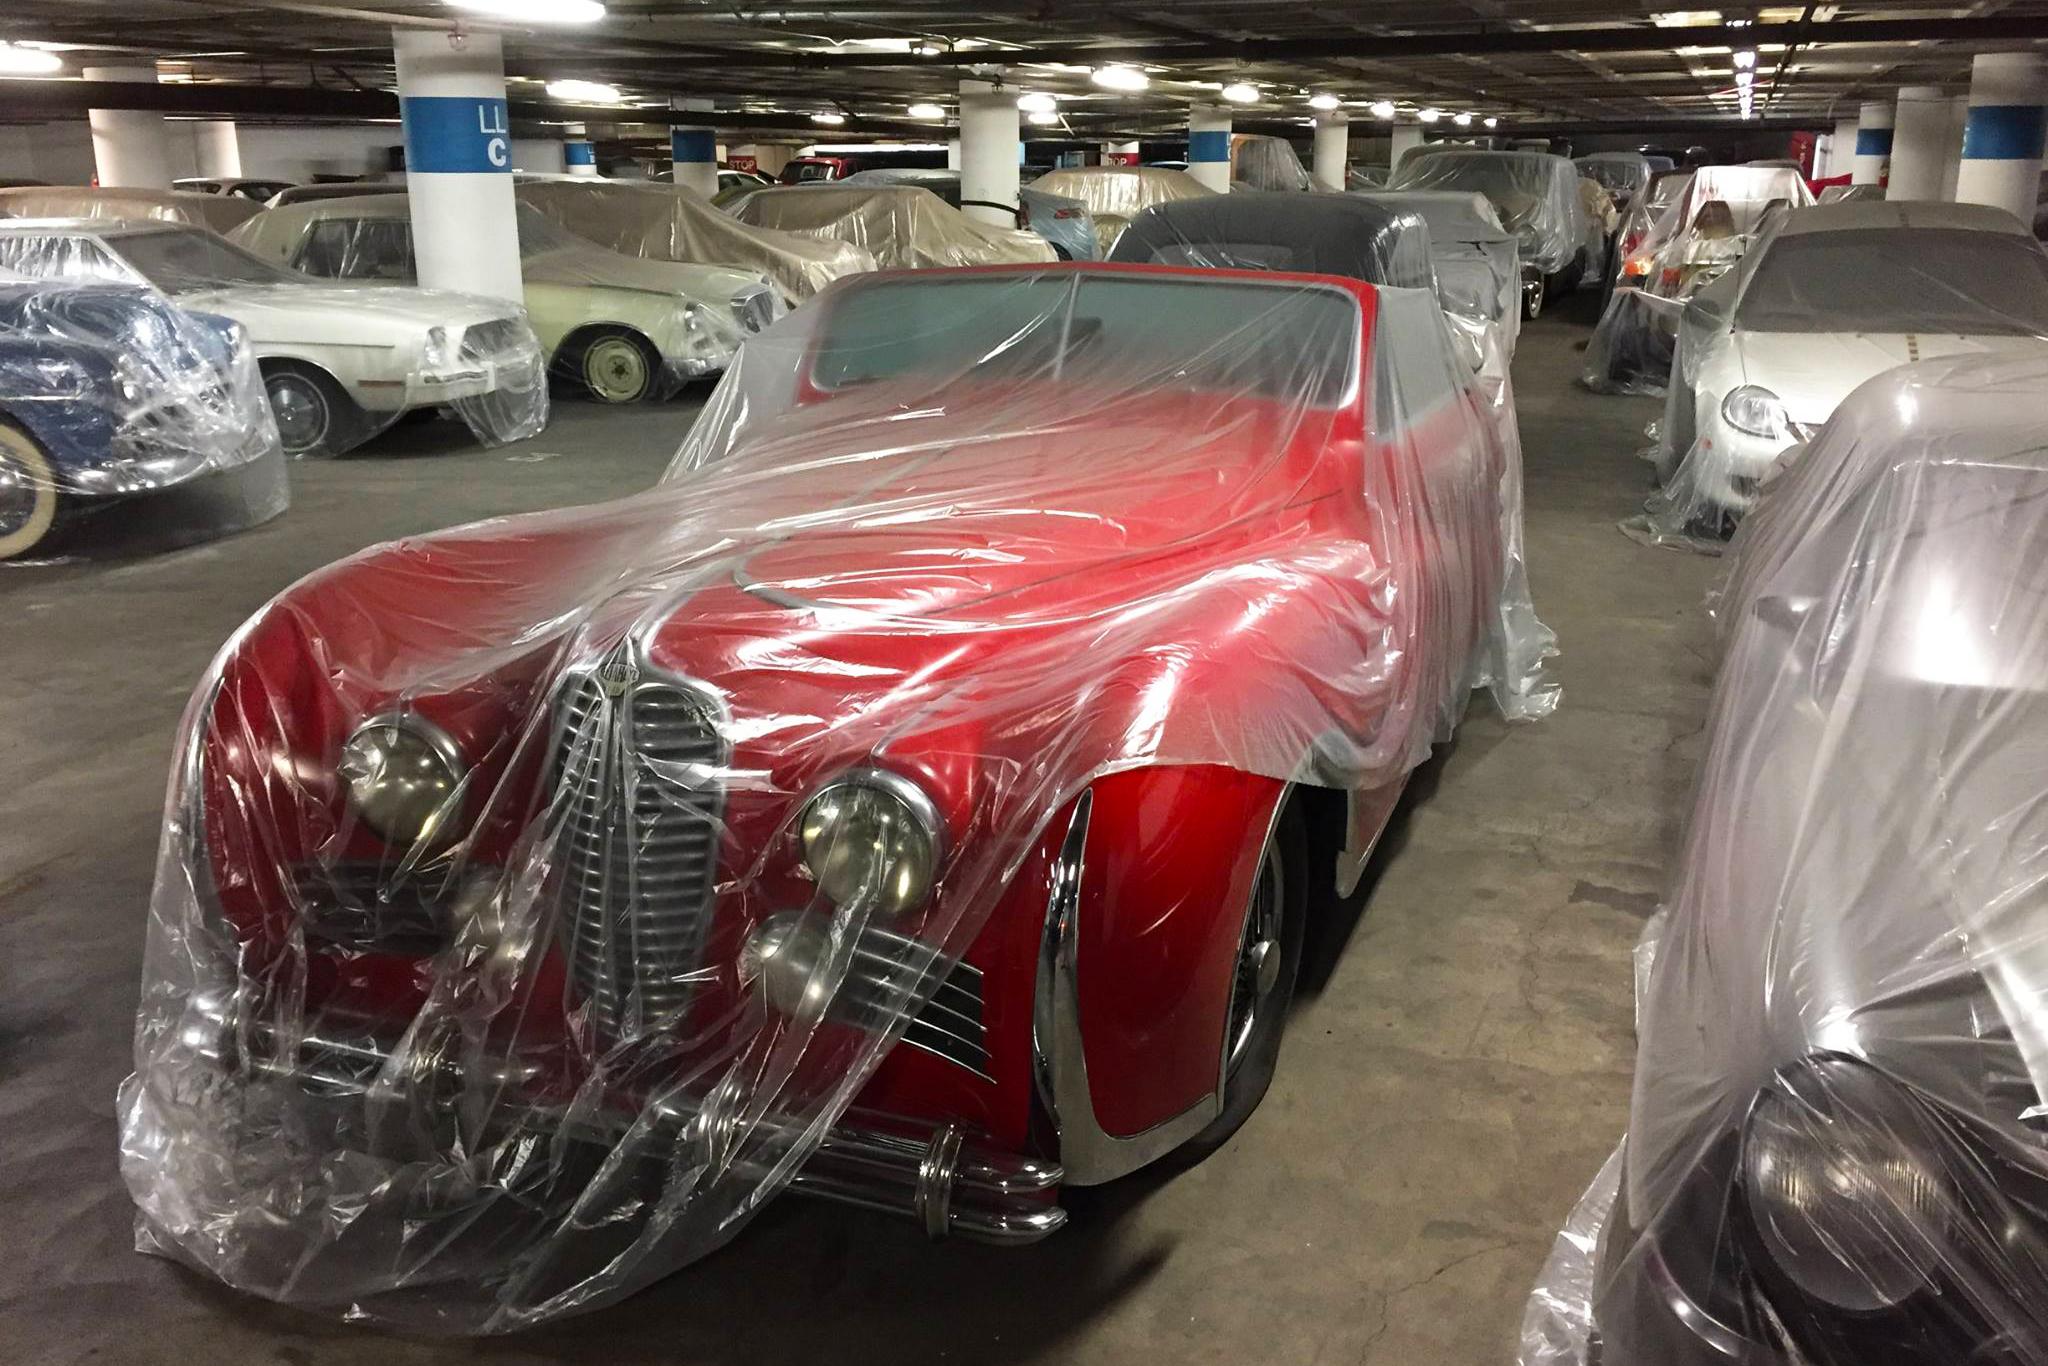 best car museums Petersen automotive museum vault tour Los Angeles